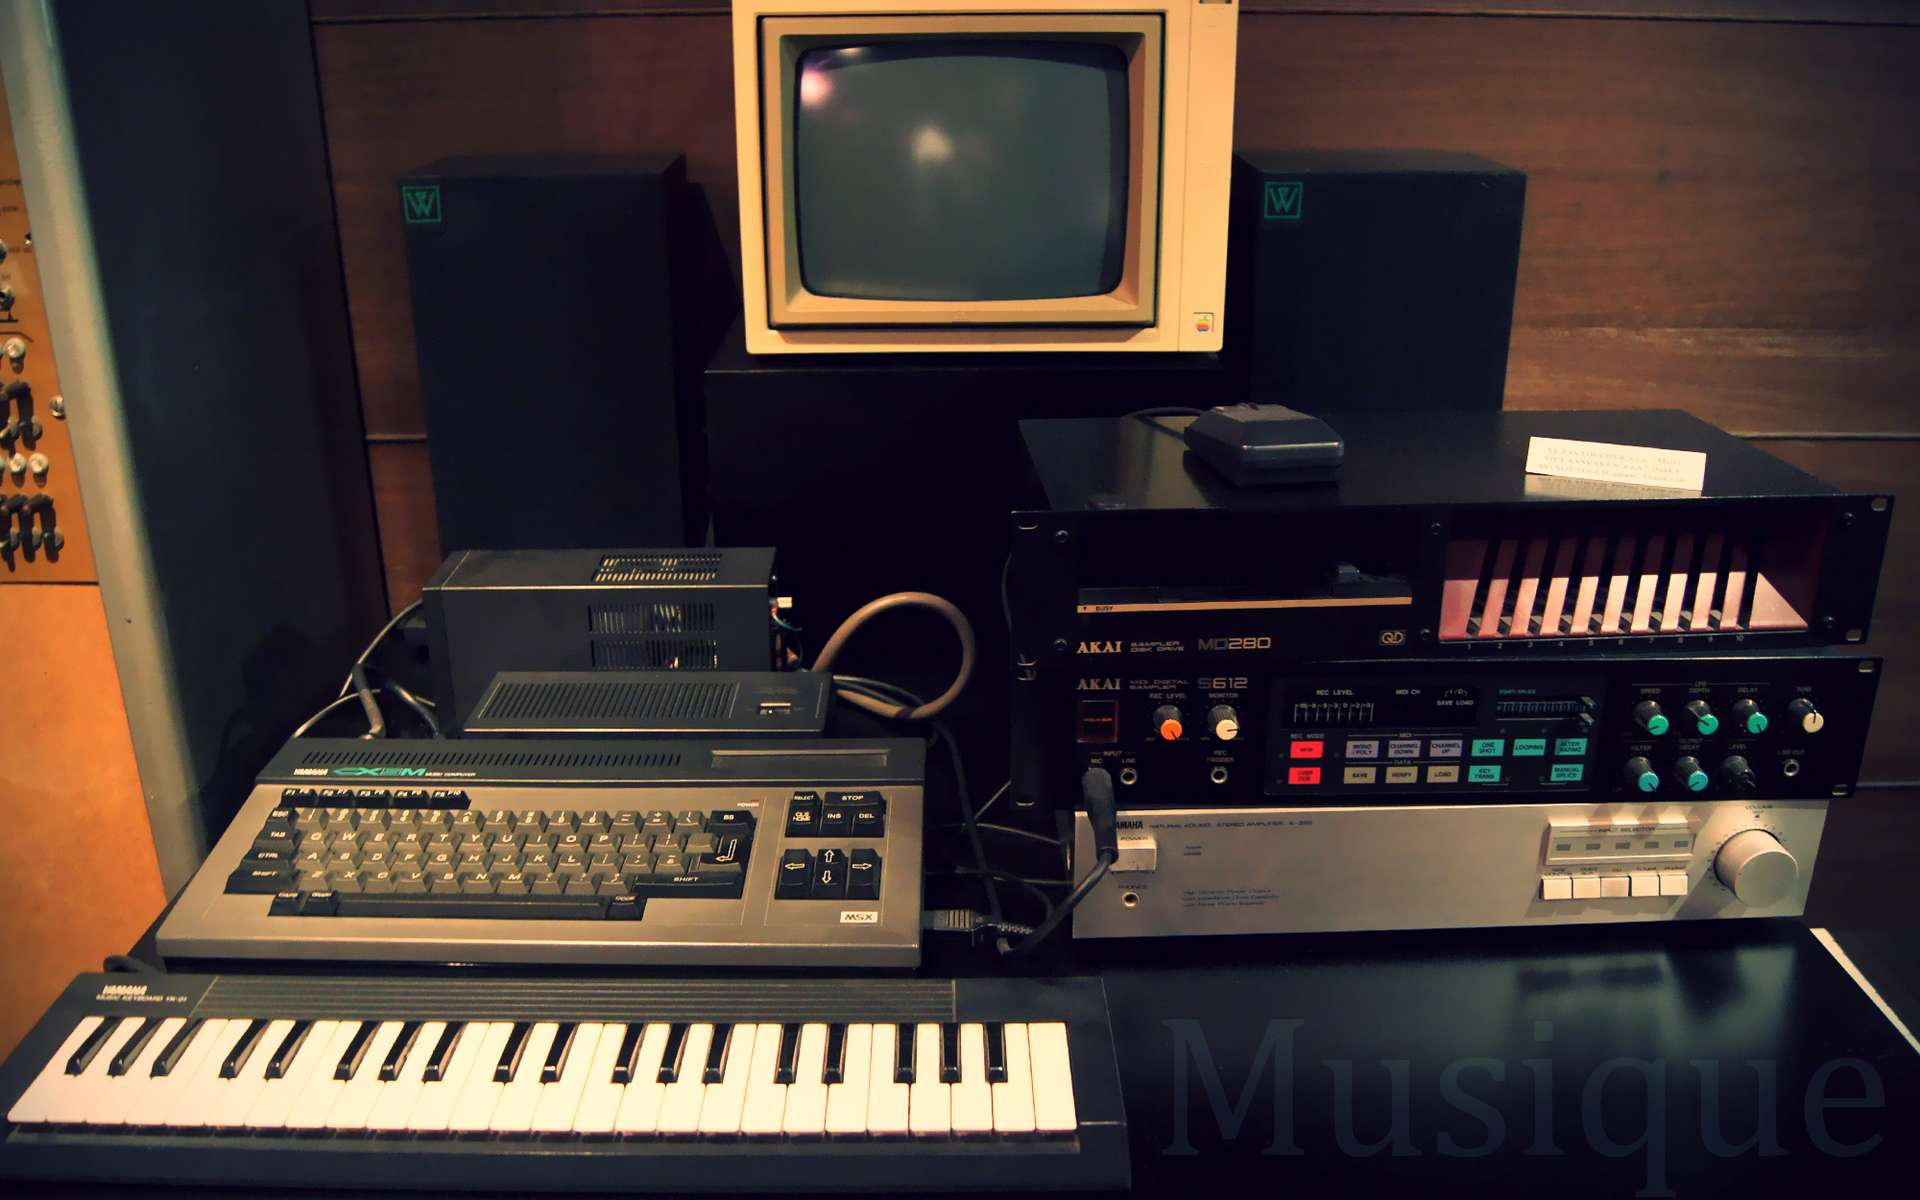 La MAO, ou musique assistée par ordinateur, est utilisée dans toute la chaîne musicale via l'informatique. © Musée des Instruments de musique de Bruxelles